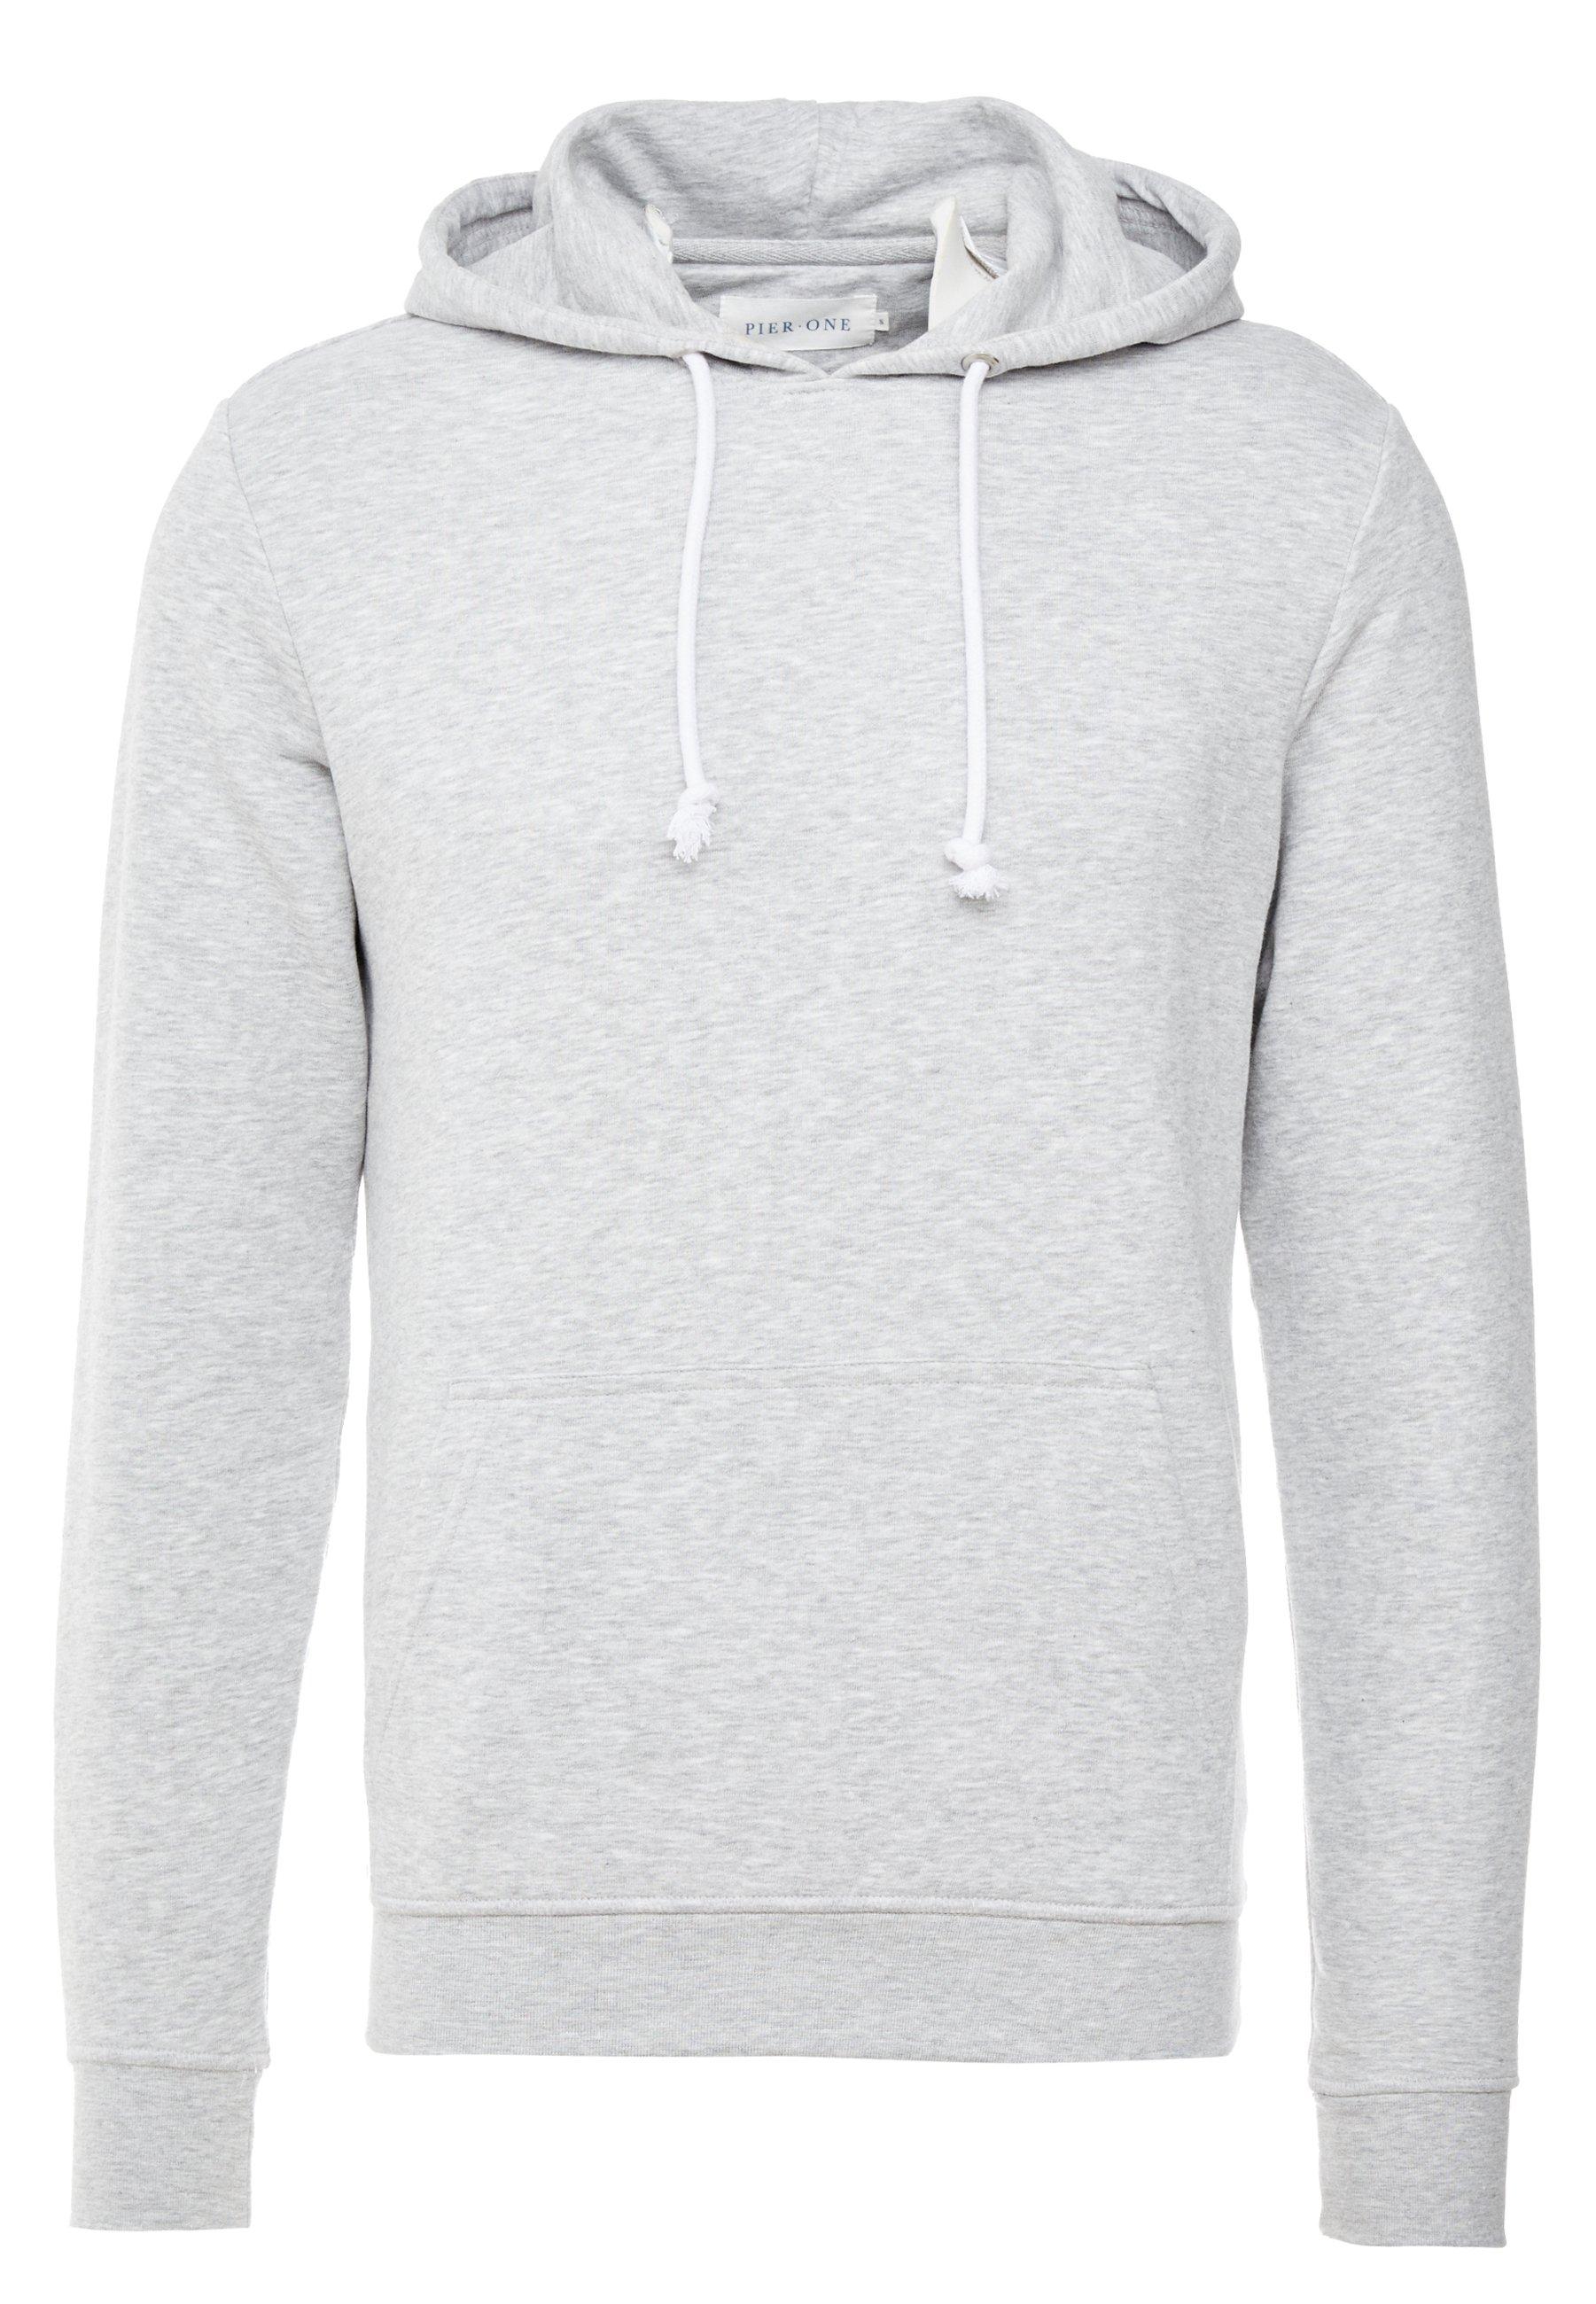 Pier One Bluza z kapturem - light grey melange